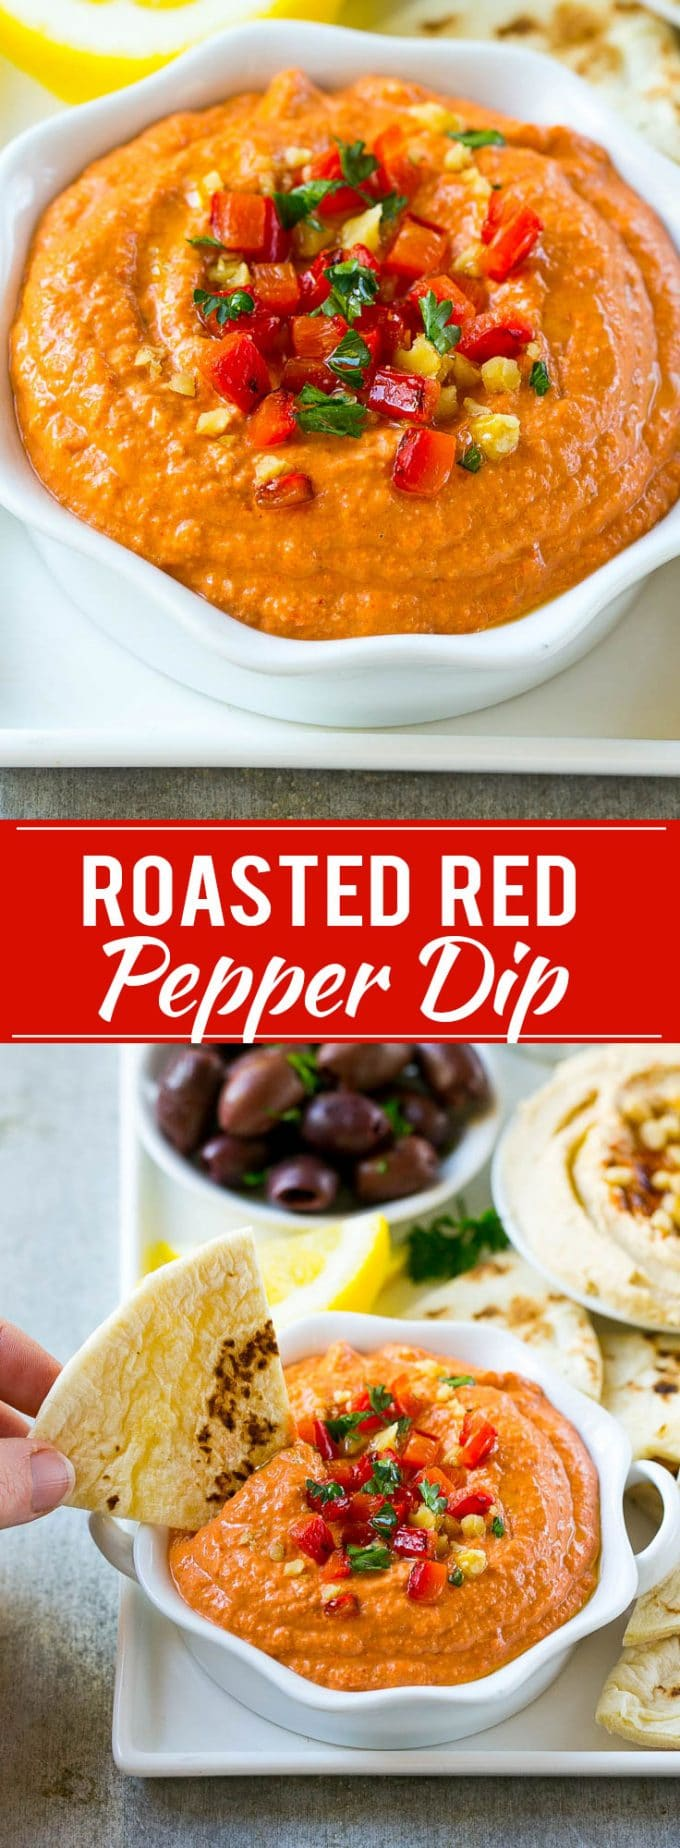 Muhammara Recipe   Roasted Pepper Dip   Roasted Pepper Recipe   Easy Dip Recipe   Appetizer